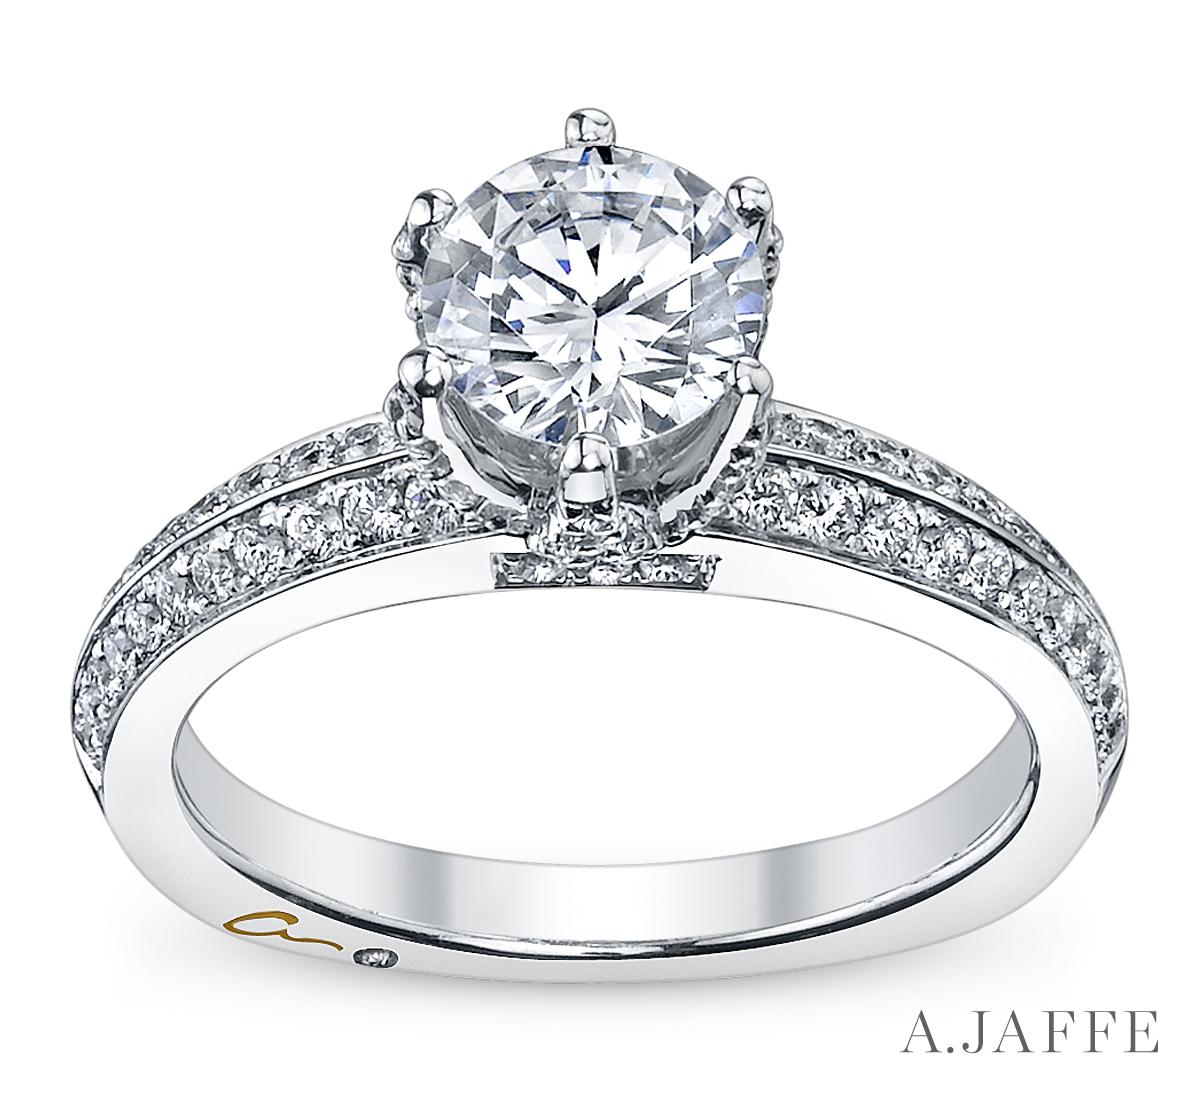 A Jaffe Engagement